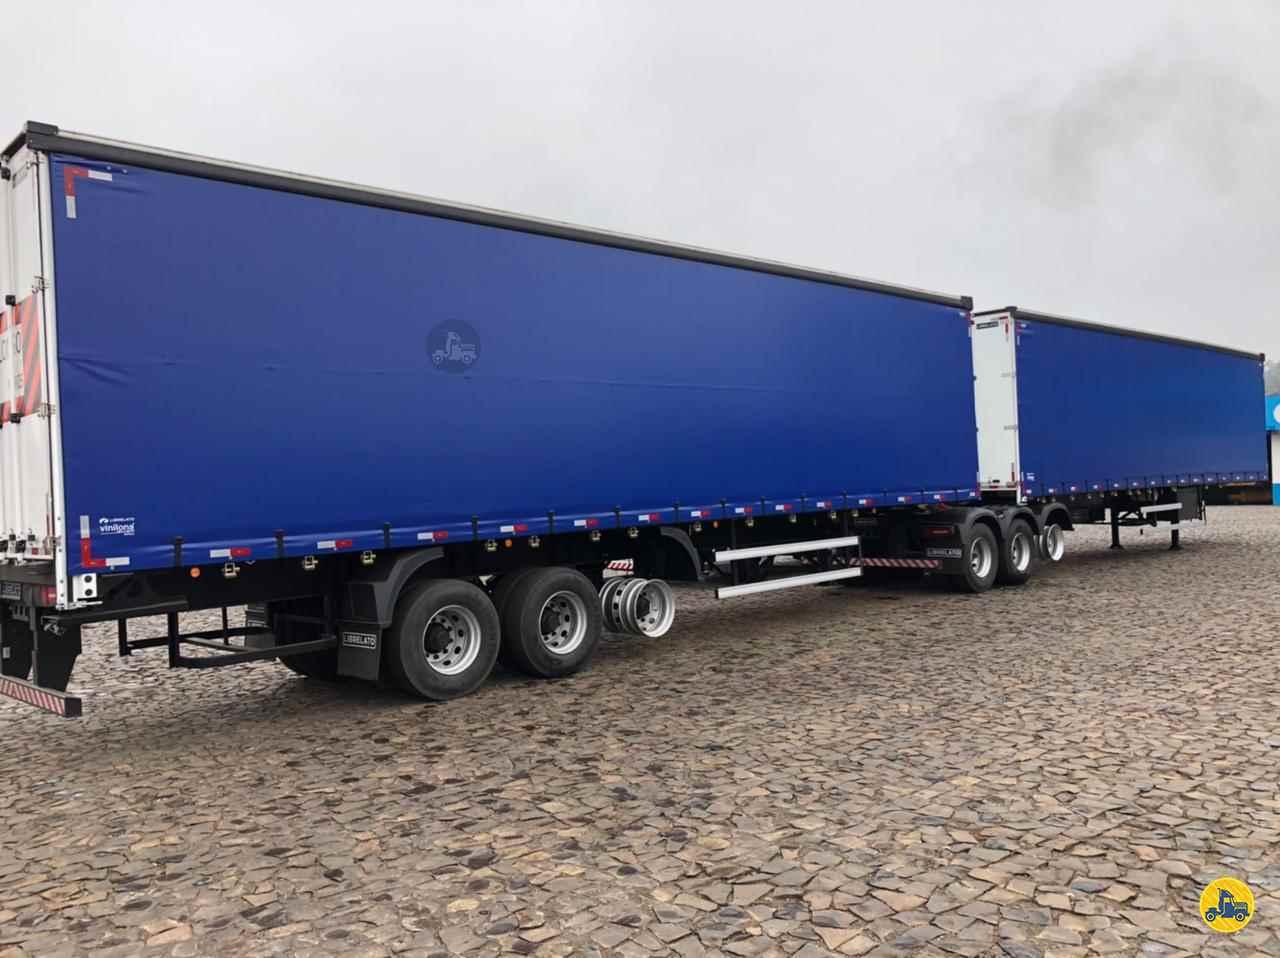 CARRETA BITREM 9 EIXOS BAU SIDER Transmap Caminhões SANTA ROSA RIO GRANDE DO SUL RS